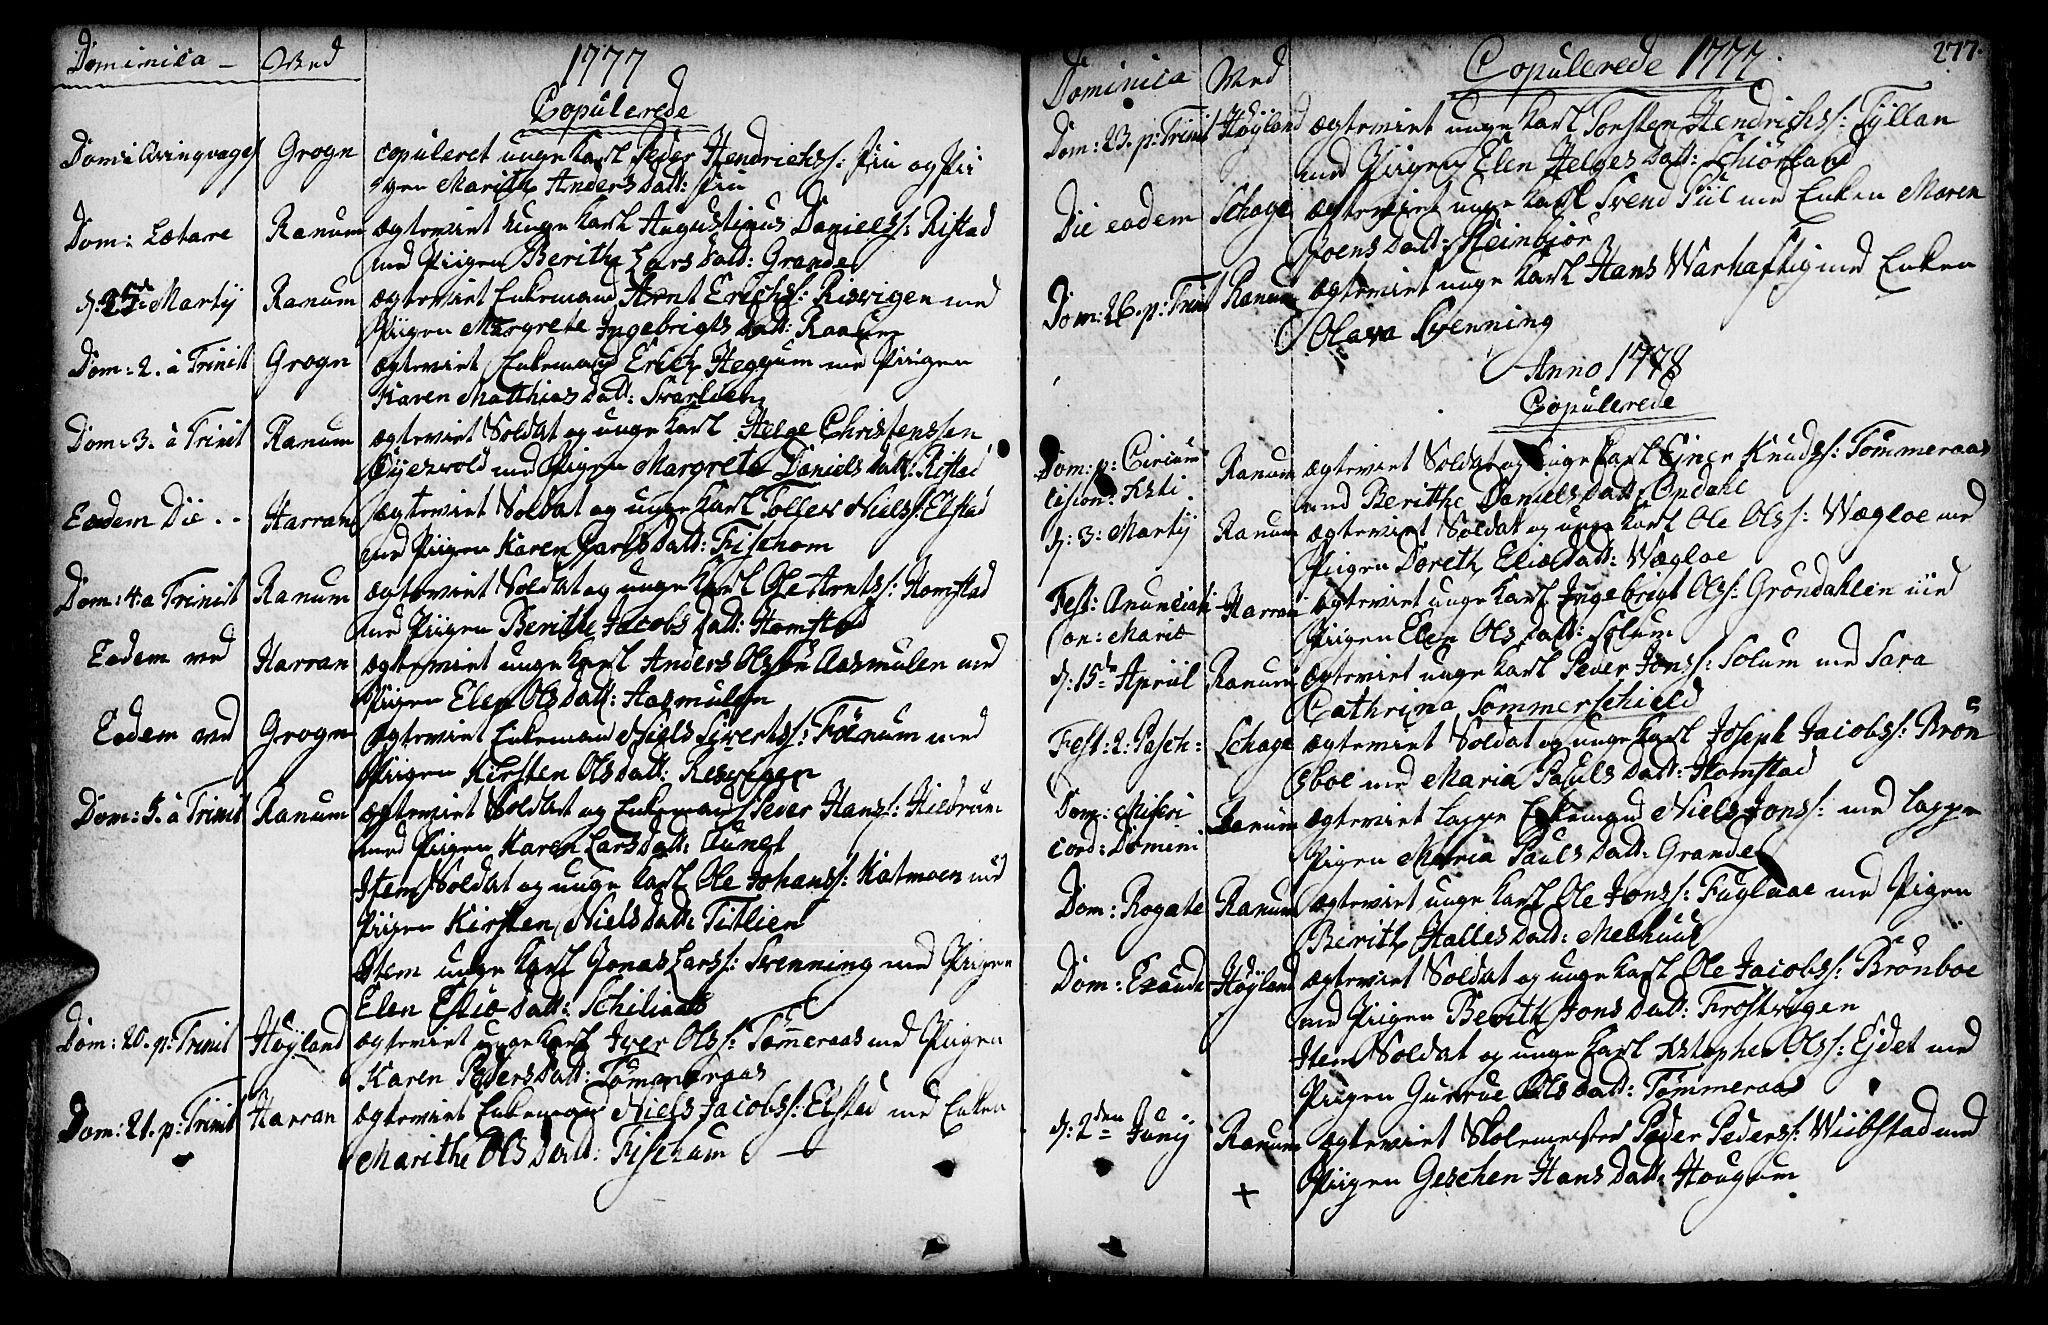 SAT, Ministerialprotokoller, klokkerbøker og fødselsregistre - Nord-Trøndelag, 764/L0542: Ministerialbok nr. 764A02, 1748-1779, s. 277